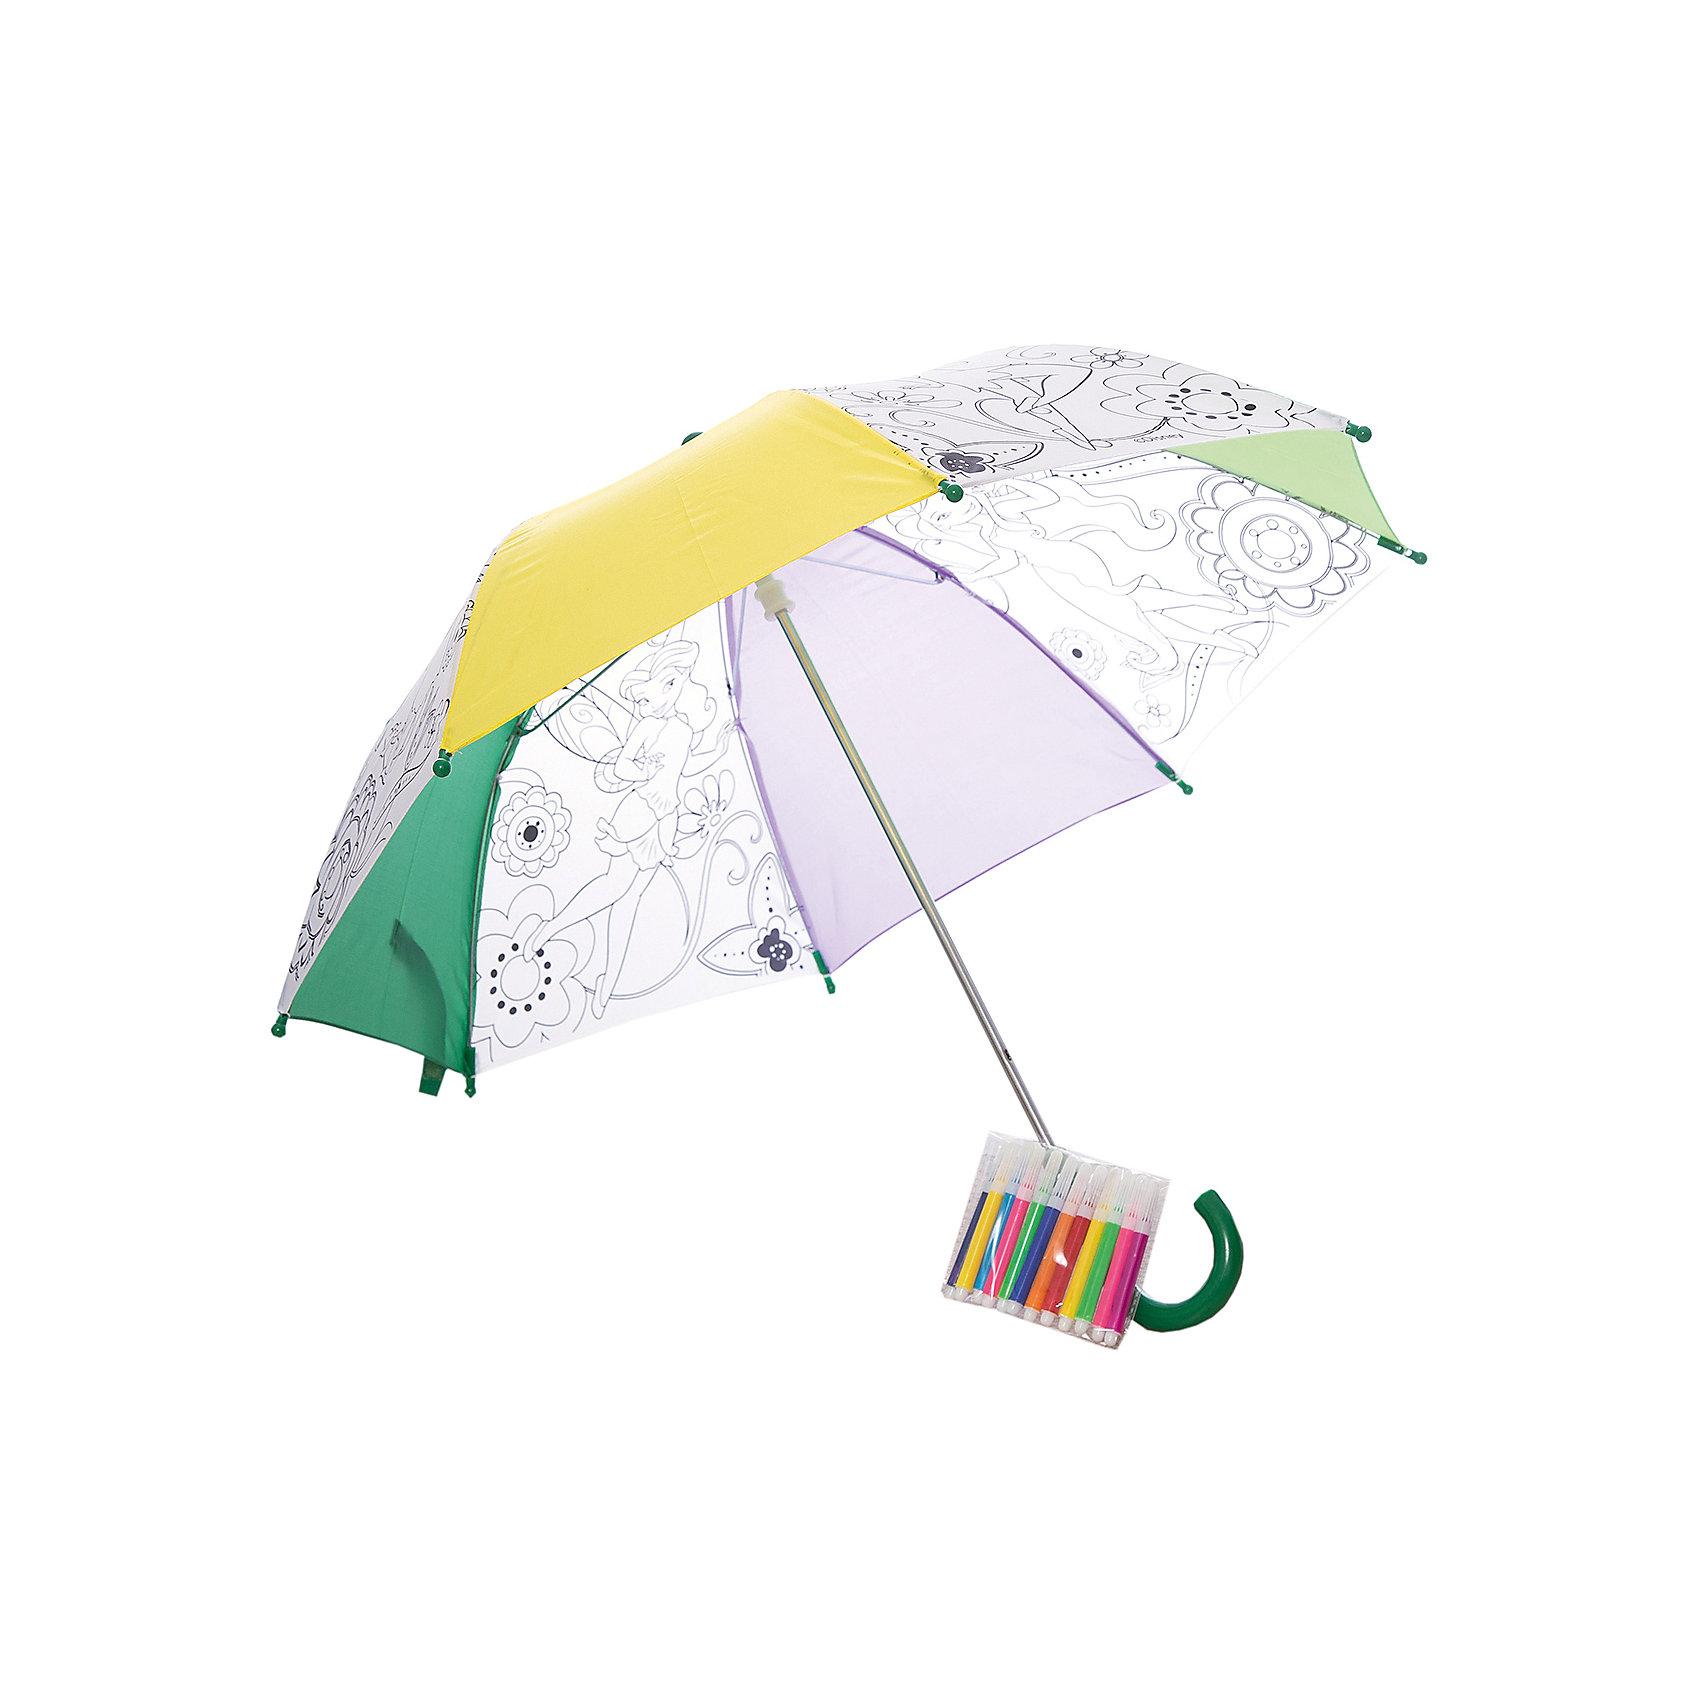 Зонтик для раскрашивания